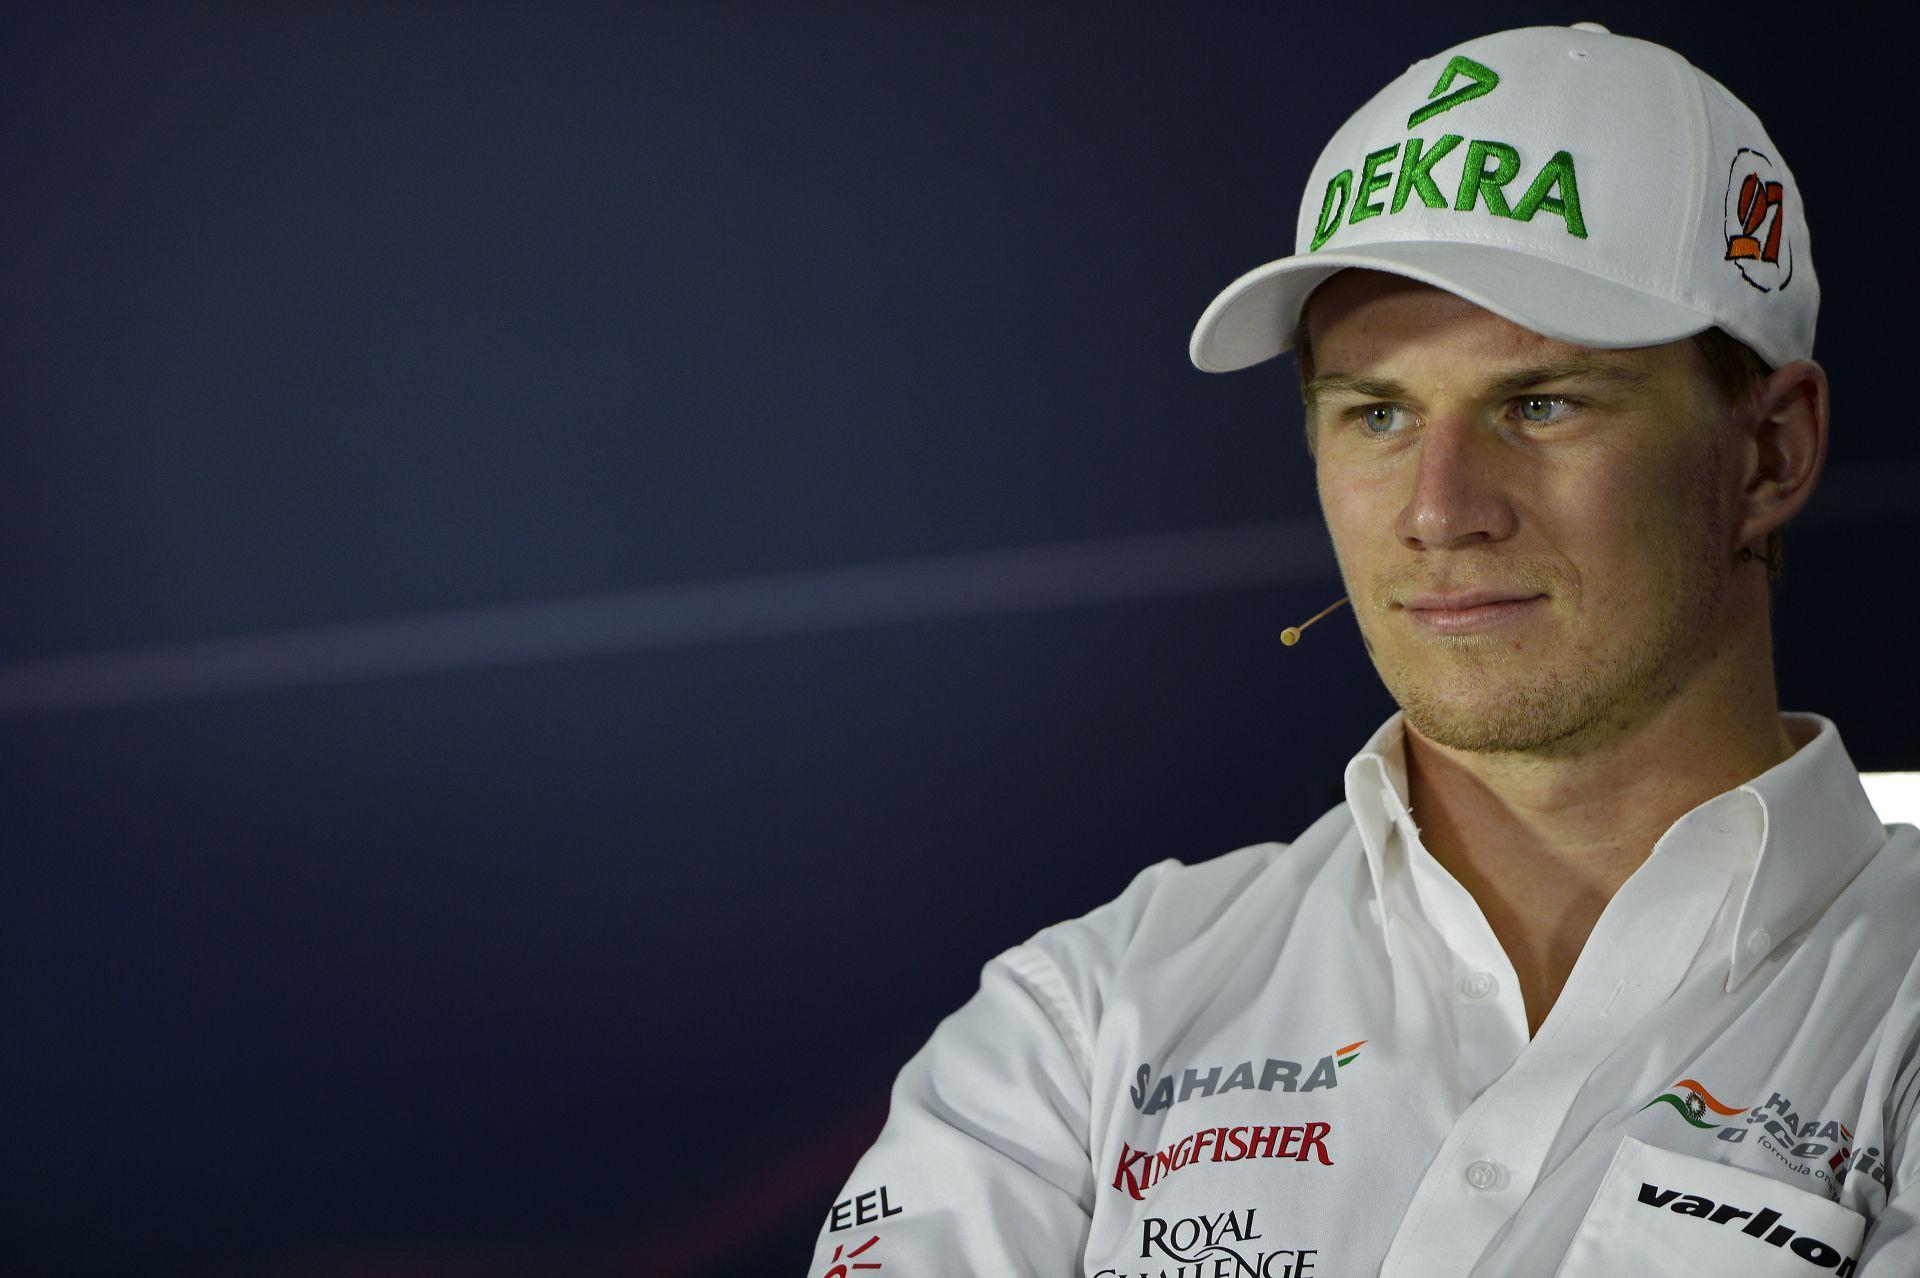 Az F1-es versenyzők nem fognak sztrájkolni a pénz miatt